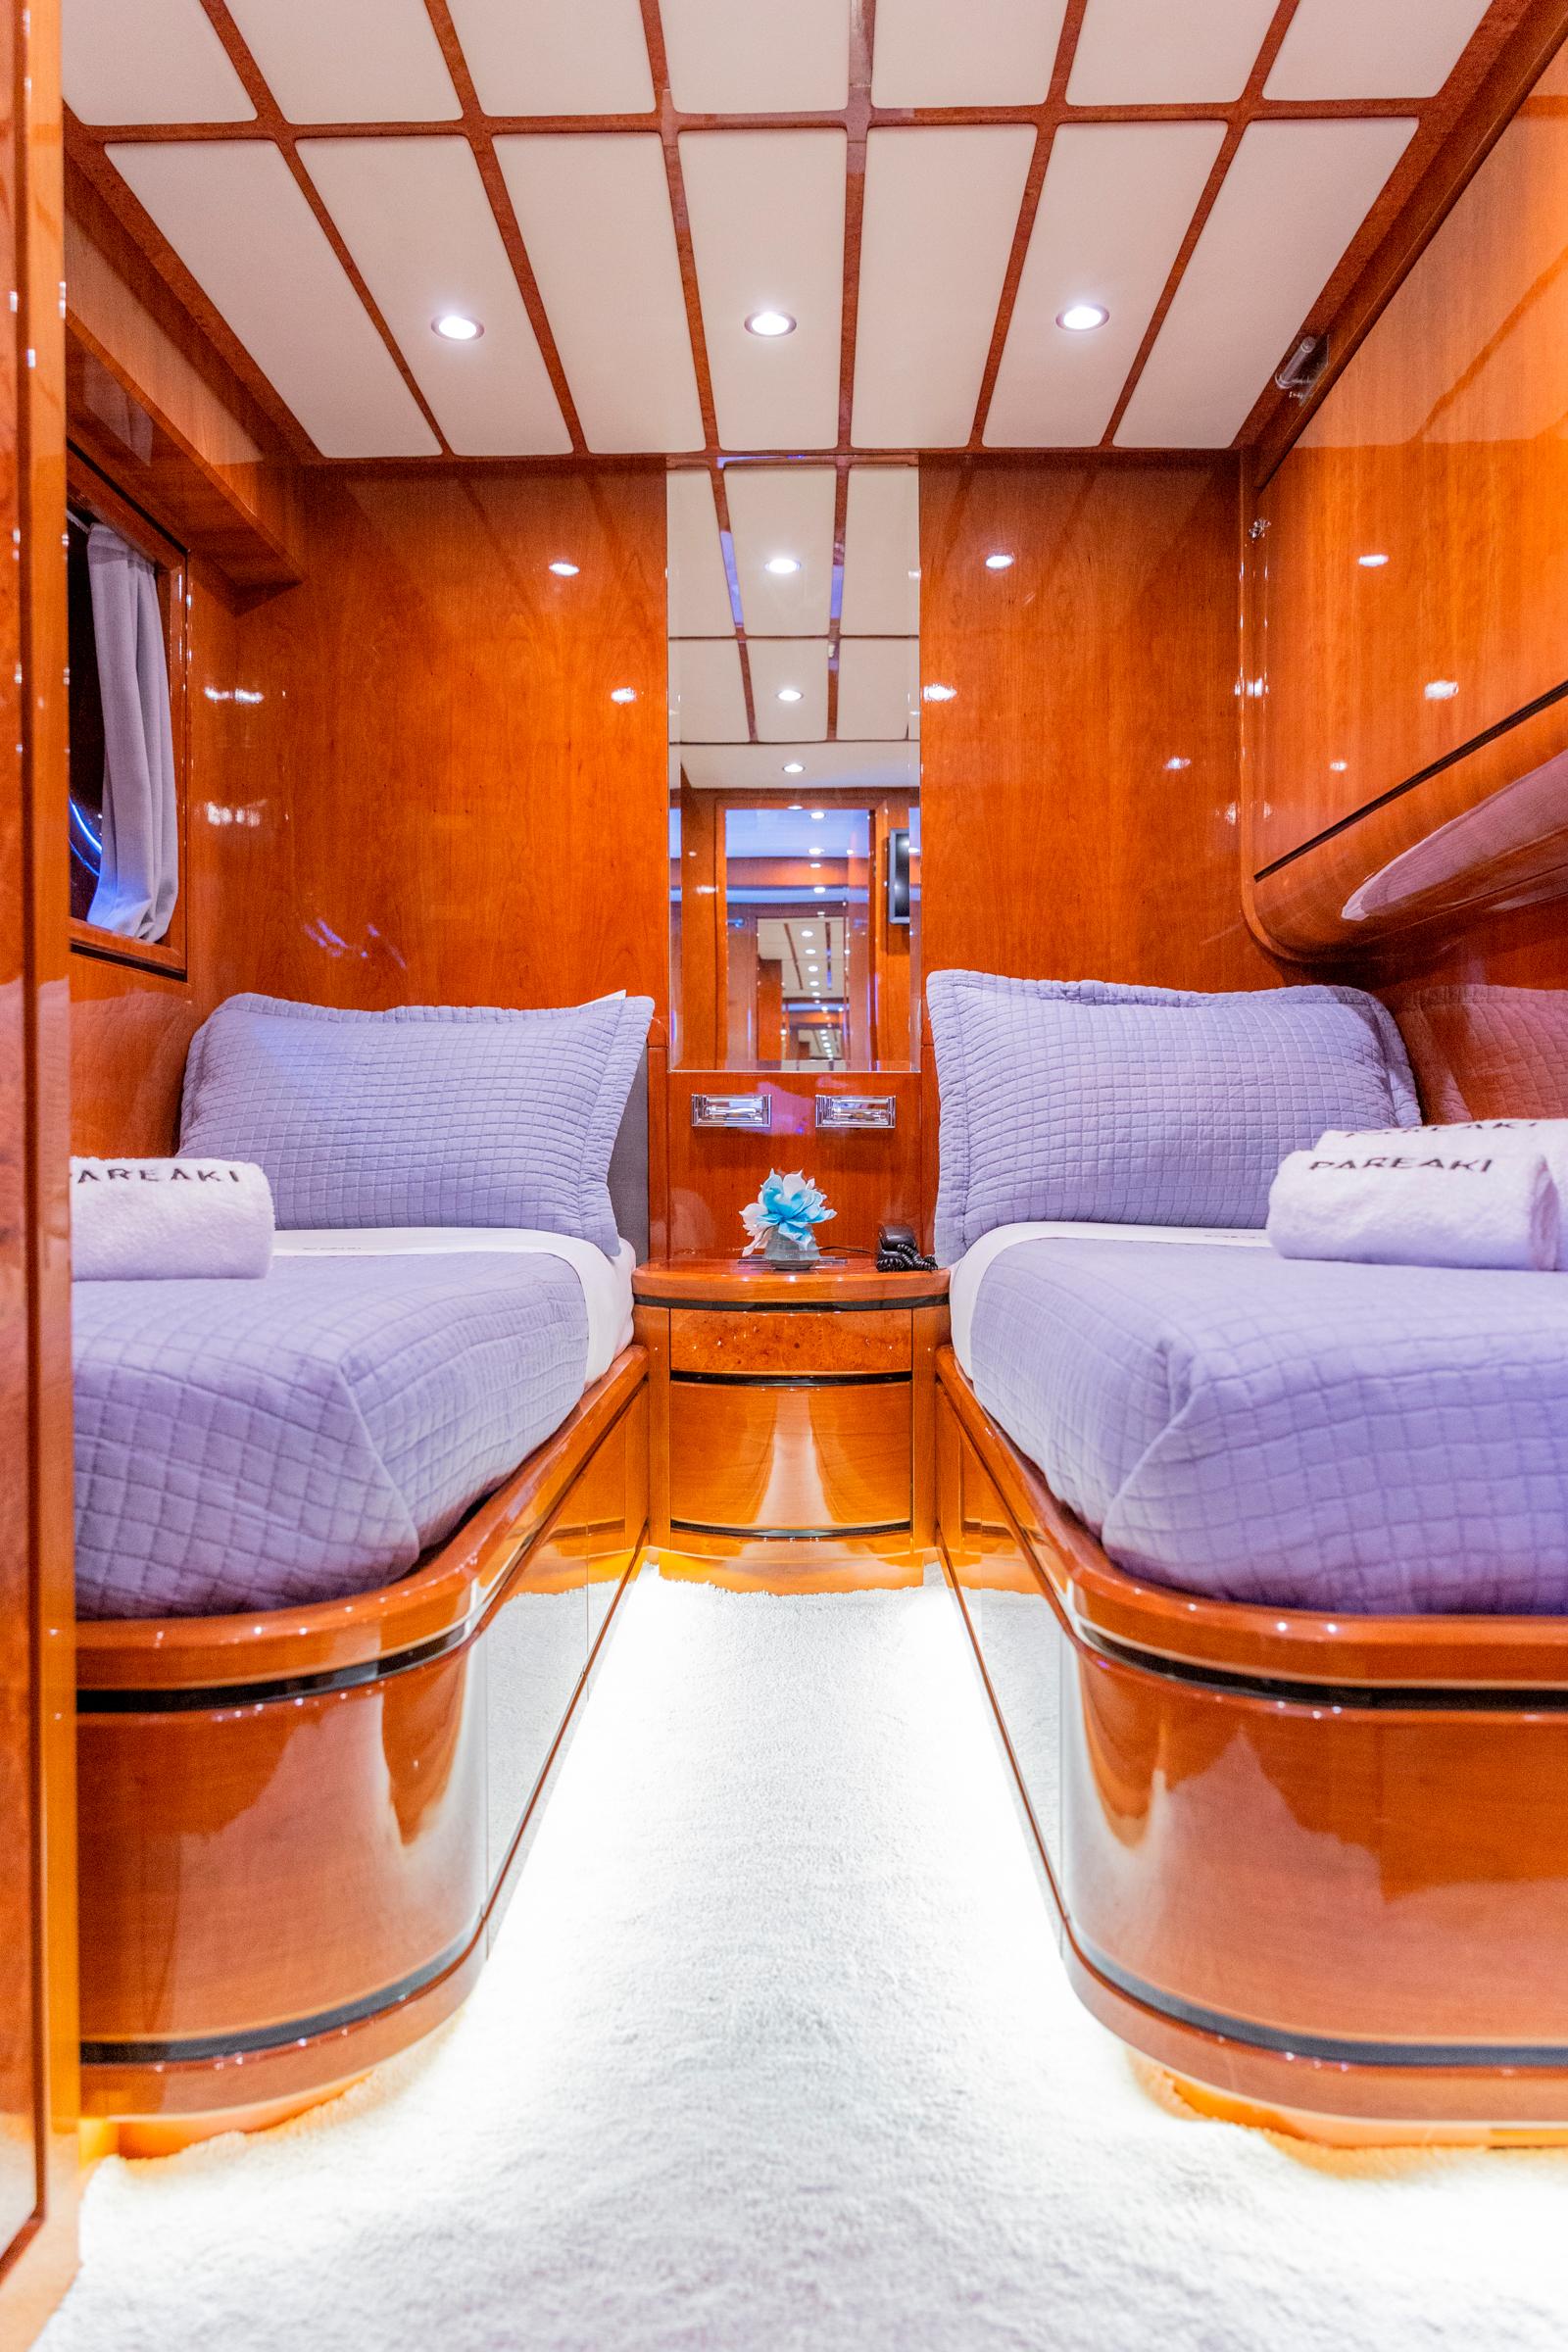 pareaki yacht cabin